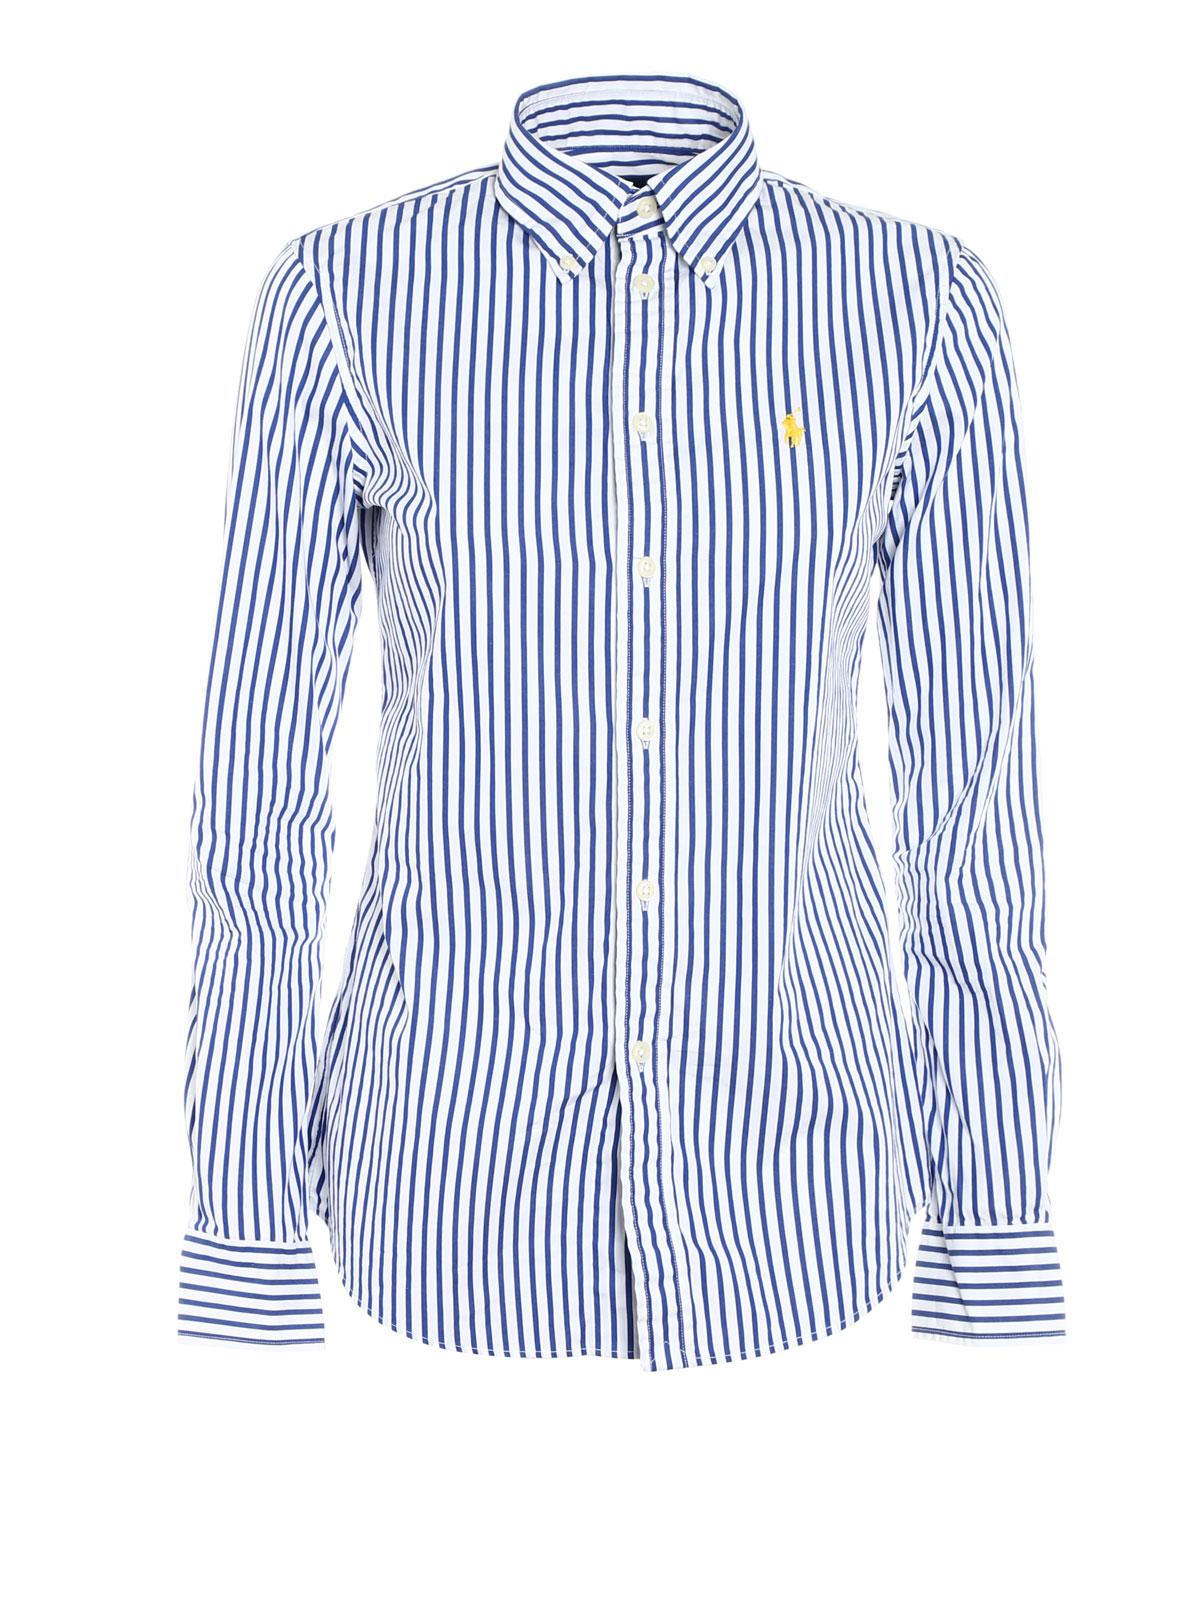 Polo Ralph Lauren - Chemise Bleu Pour Femme - Chemises - V33 IE214 ... 23d56258dbf0